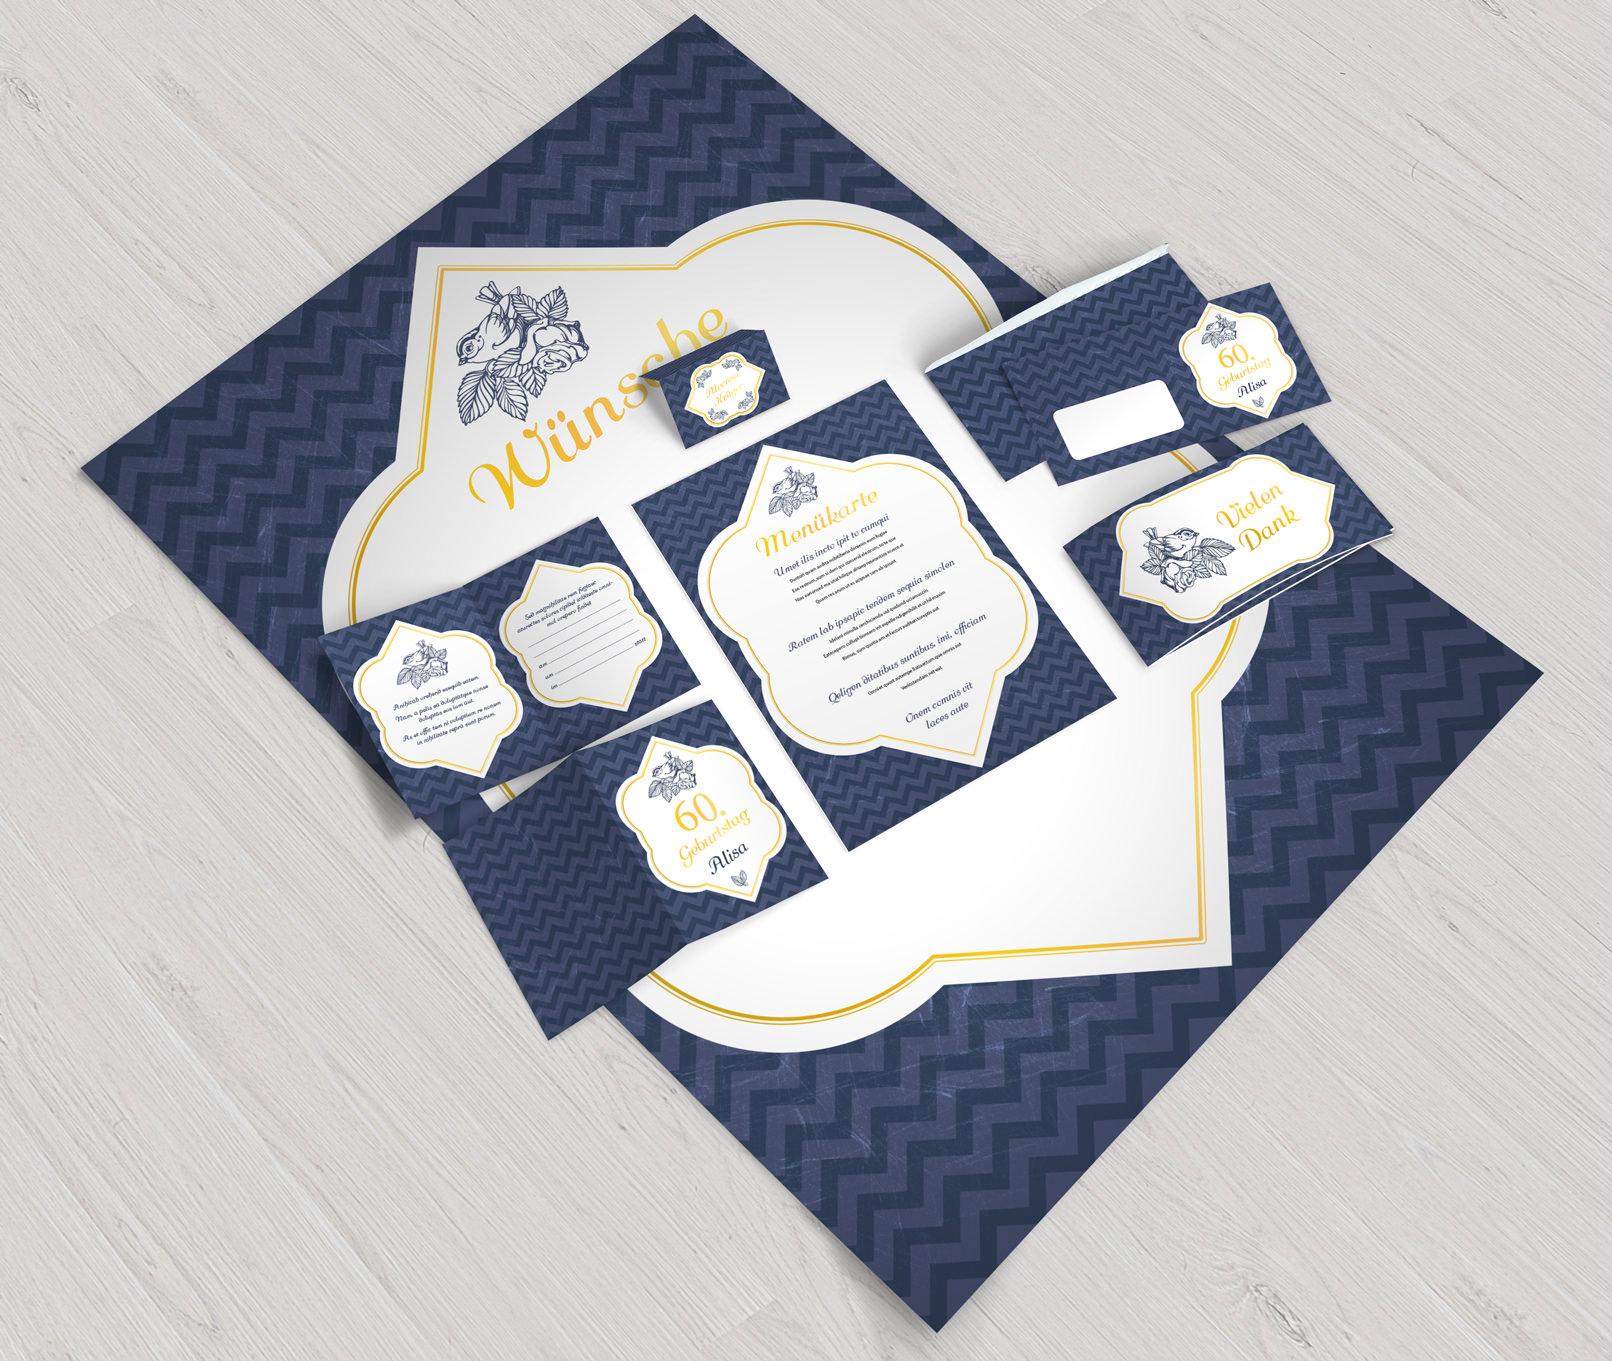 Vorlagen für Geburtstage und Taufe, inklusive  Briefumschlag, Dankeskarte, Einladung, Klappkarte, Menükarte und Wünsche-Plakat